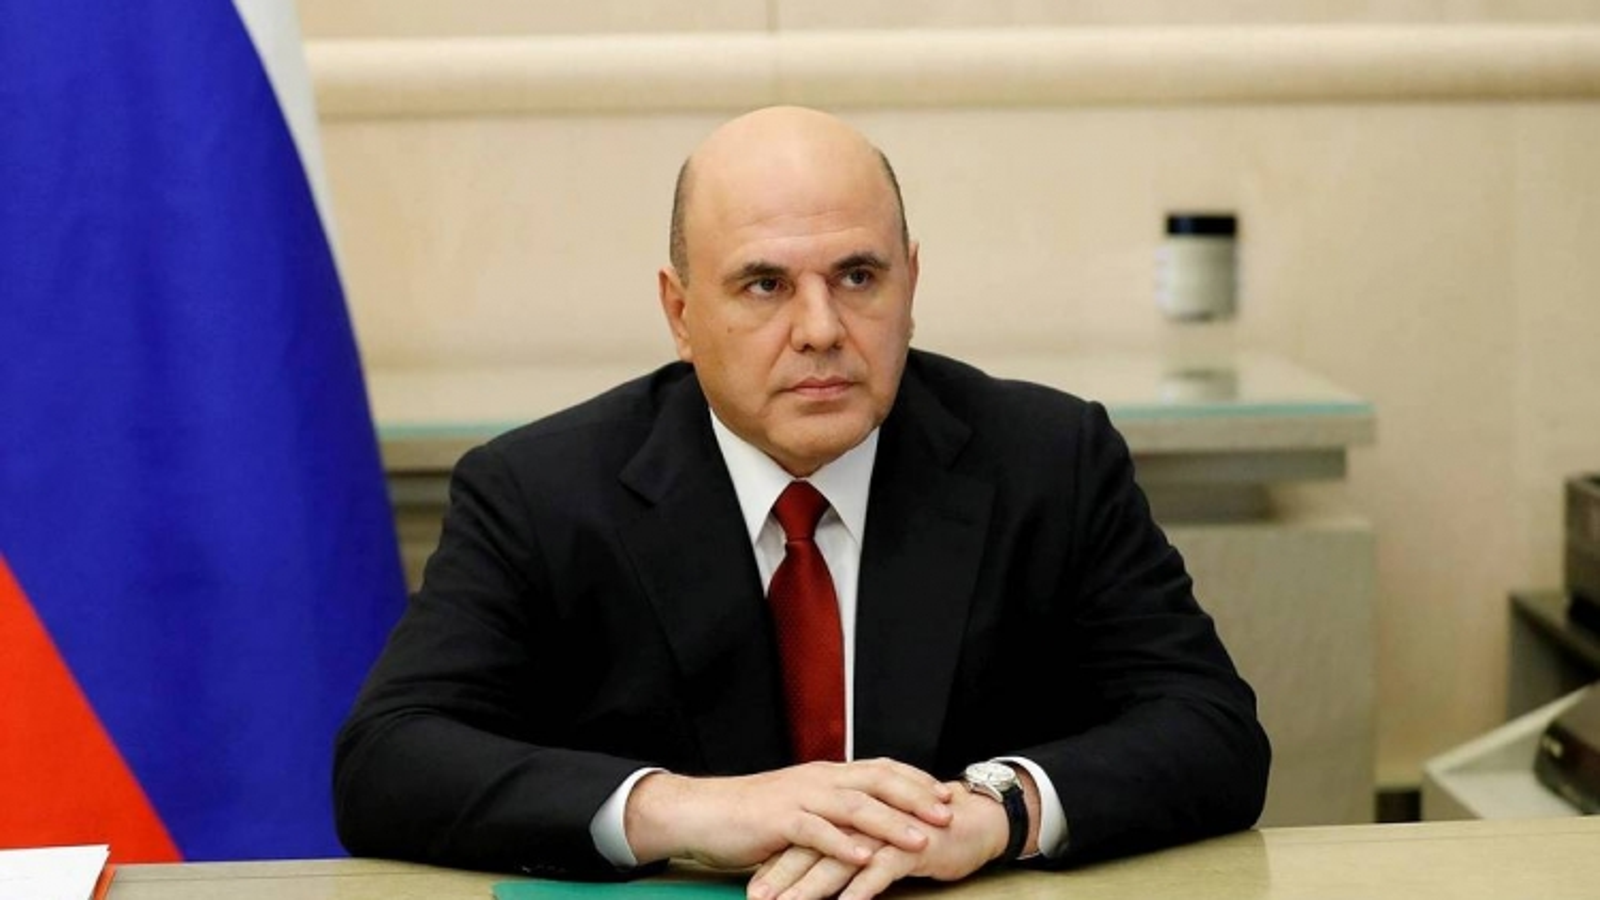 Chính phủ Nga phân bổ 80 tỷ Rúp hỗ trợ ngân sách các khu vực